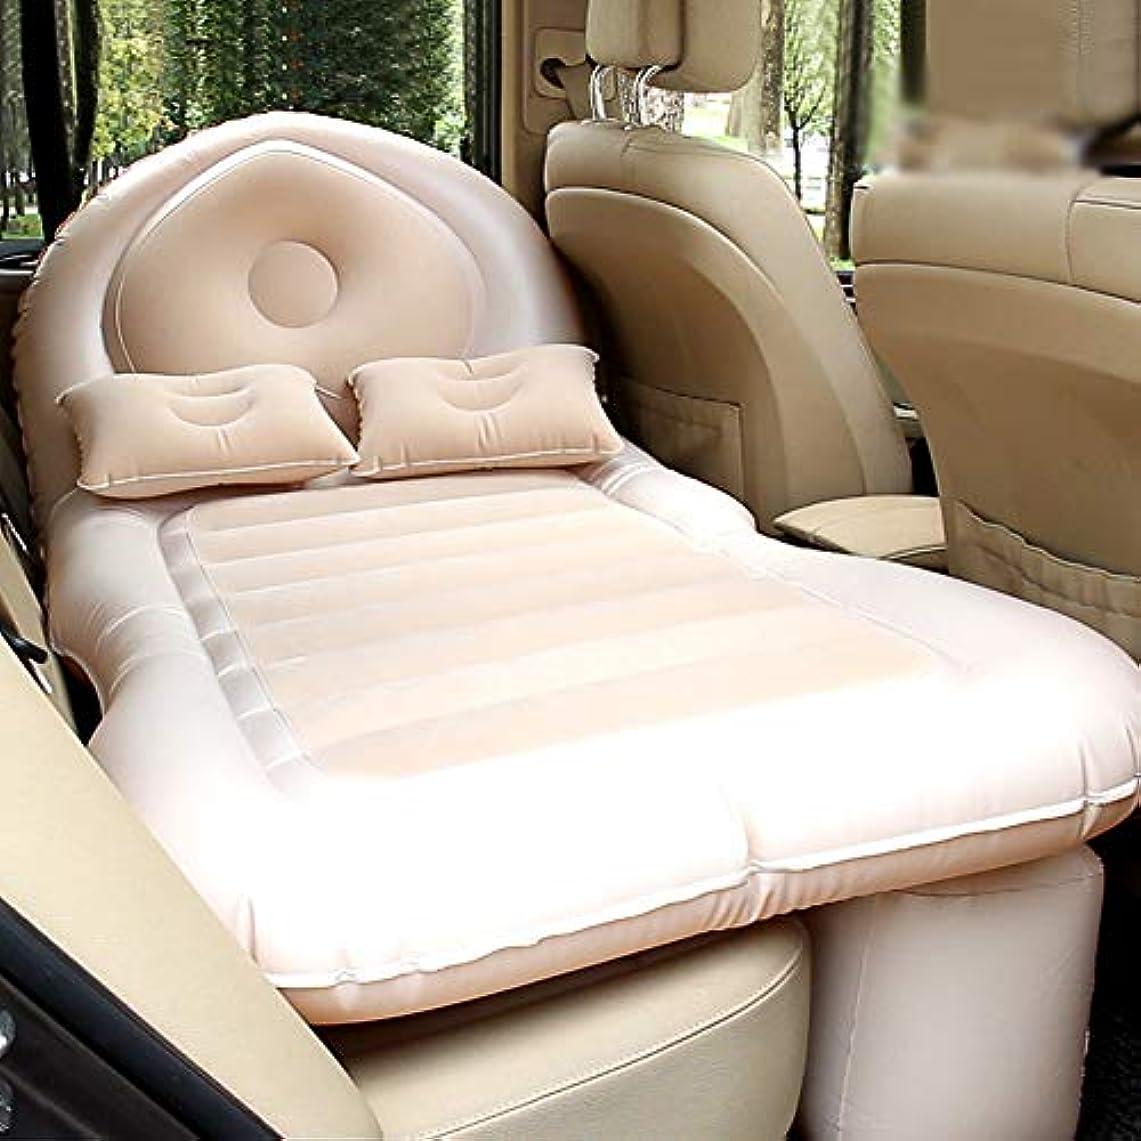 エレクトロニック迷彩コロニーLINGYAO 車のインフレータブルクッション安全保護ソフトで快適な環境保護通気性摩耗耐久性のあるインフレータブルクッション